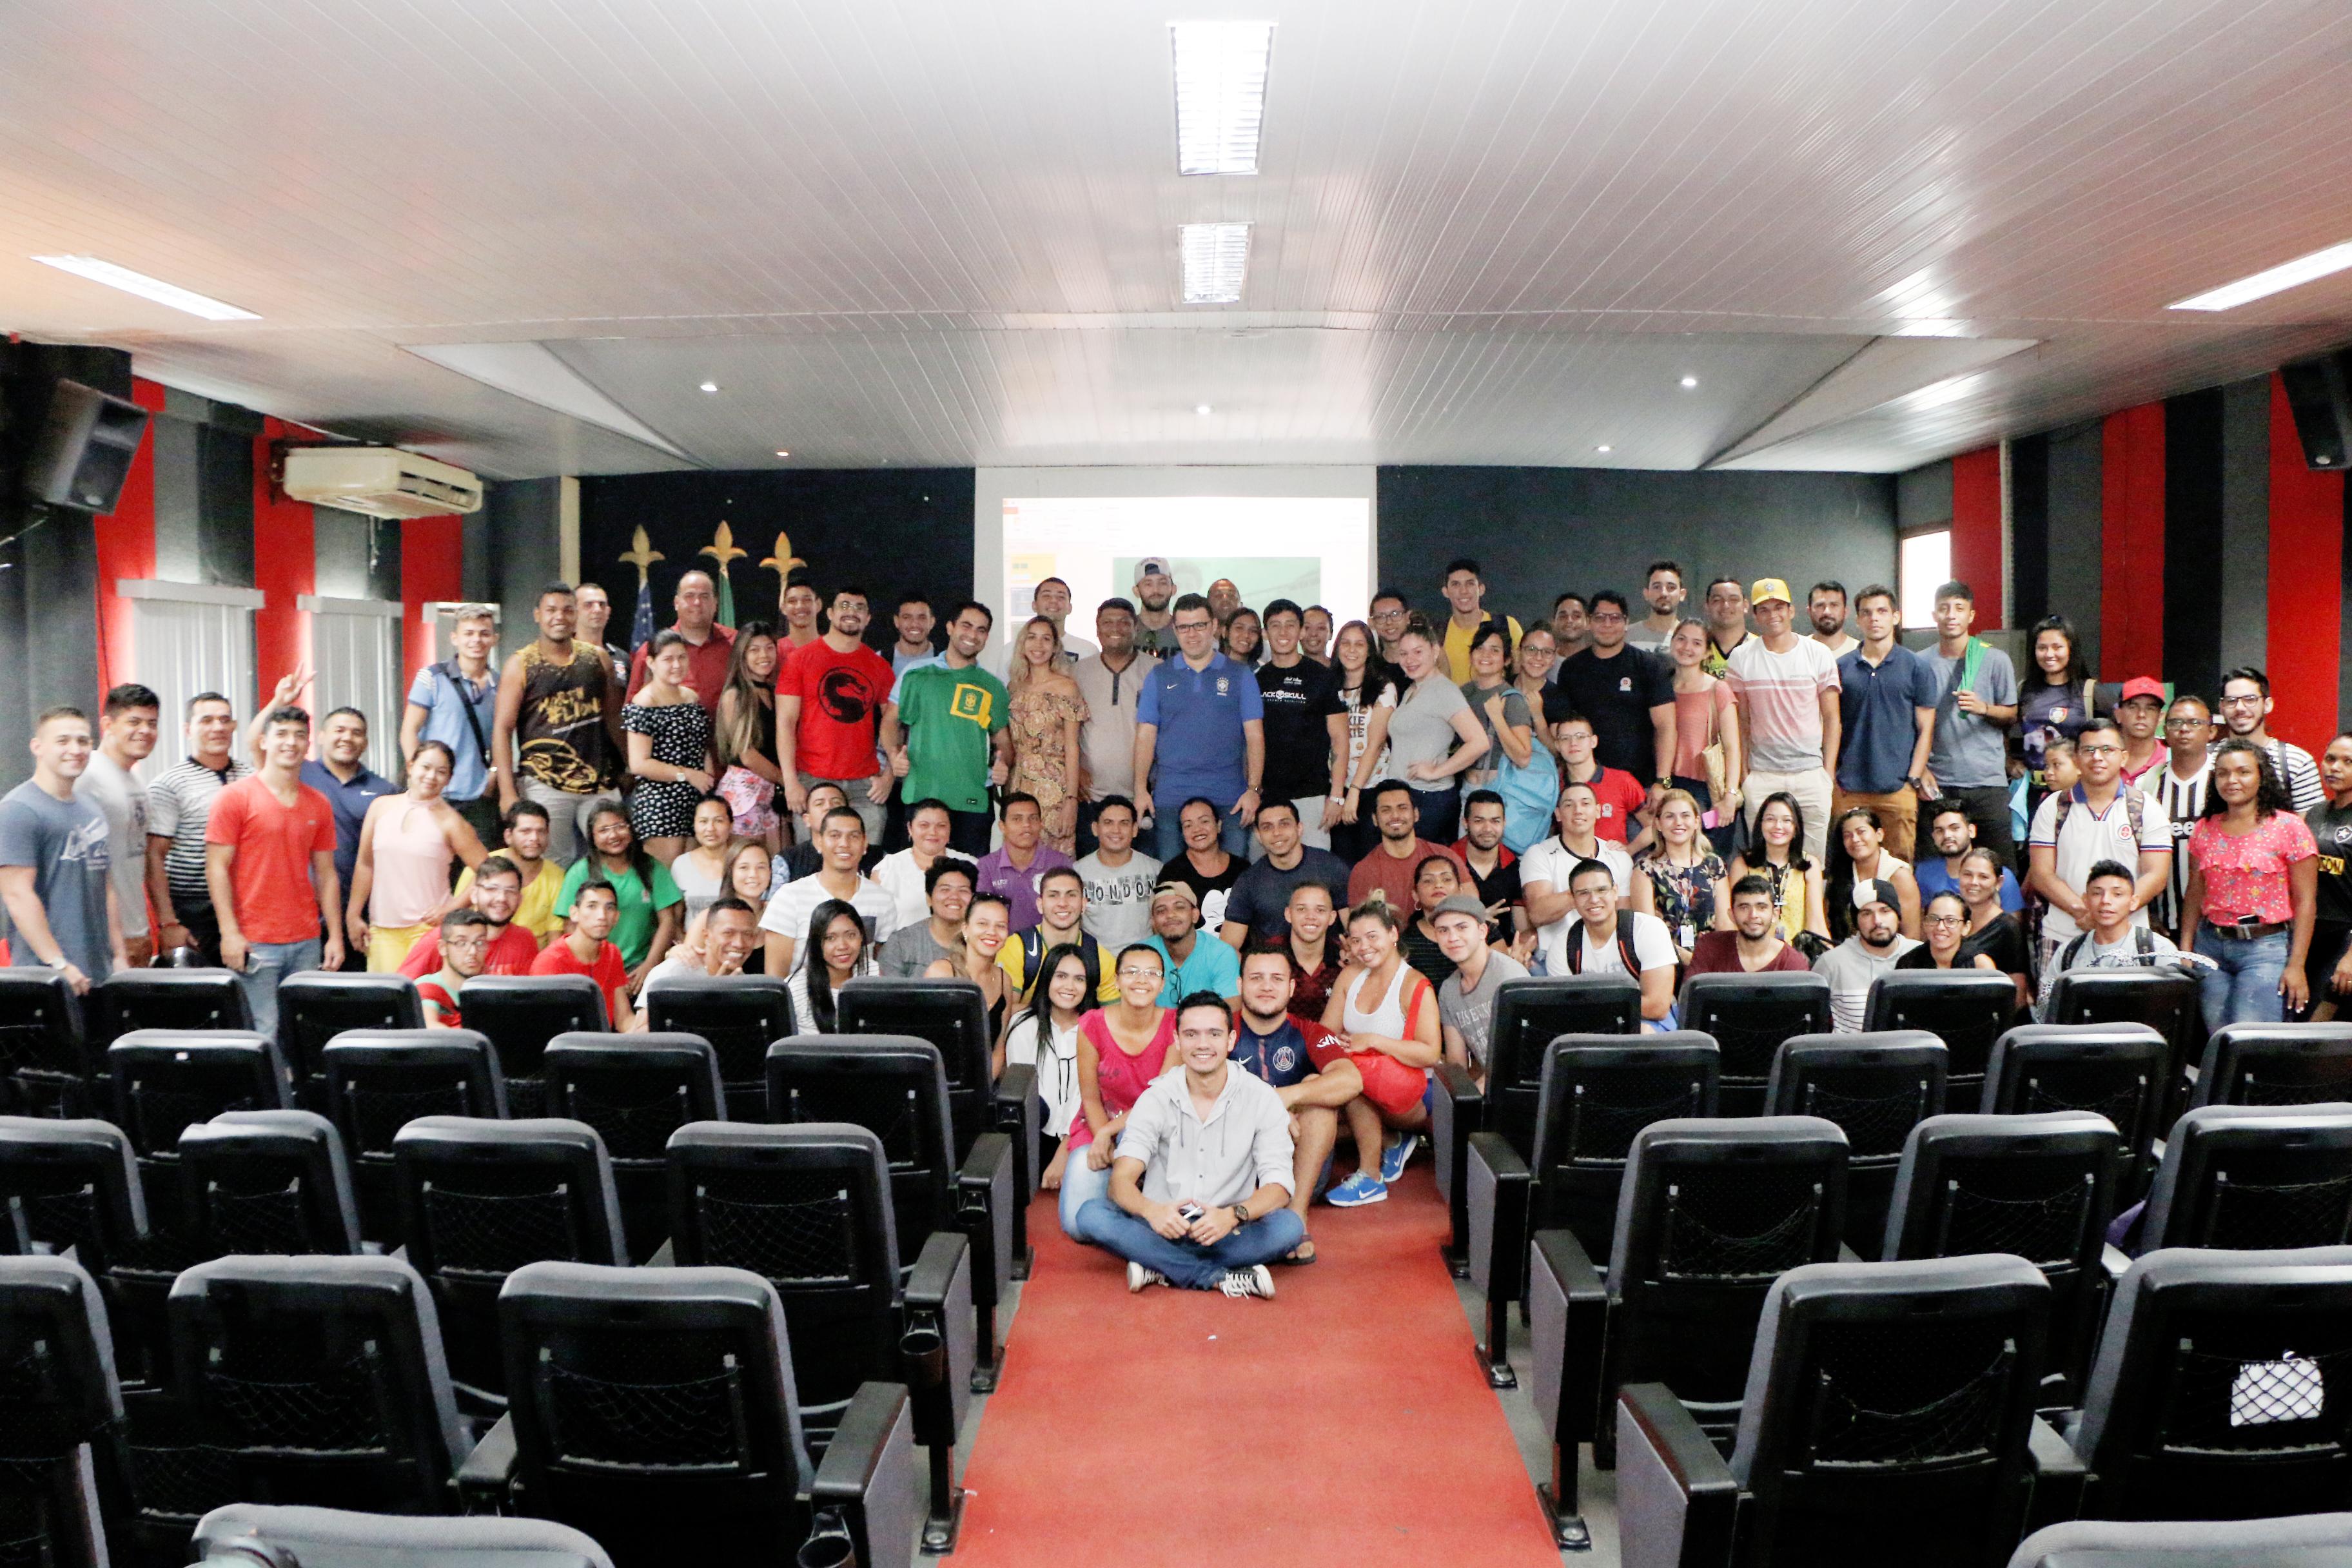 CBF Social Realiza Palestra na Universidade Nilton Lins Durante Passagem da Seleção por Manaus